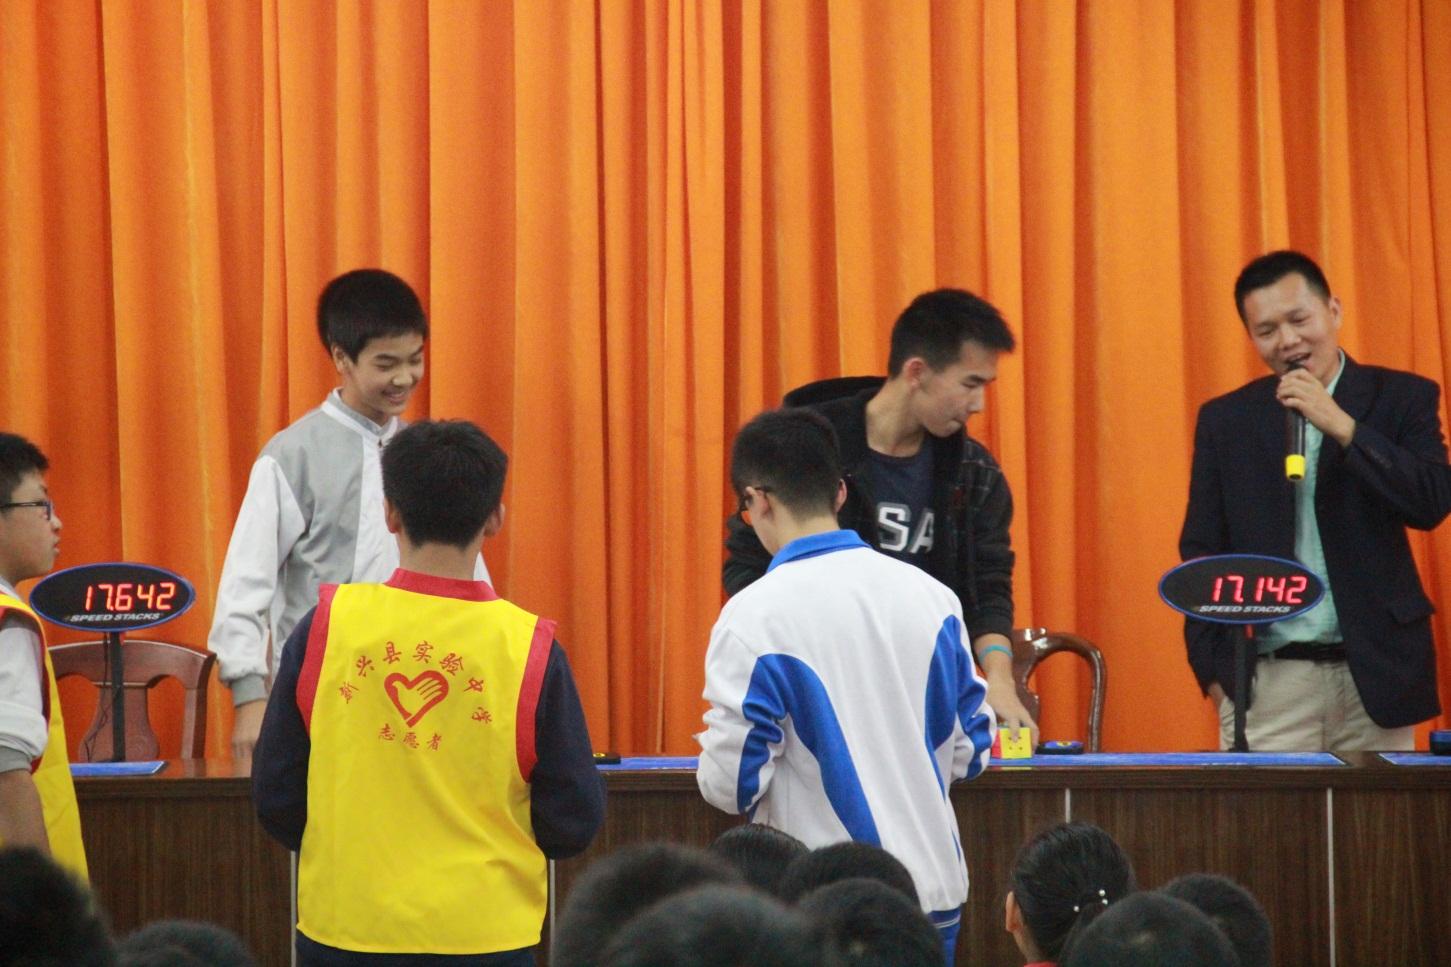 我校第五届校园魔方总决赛胜利举行